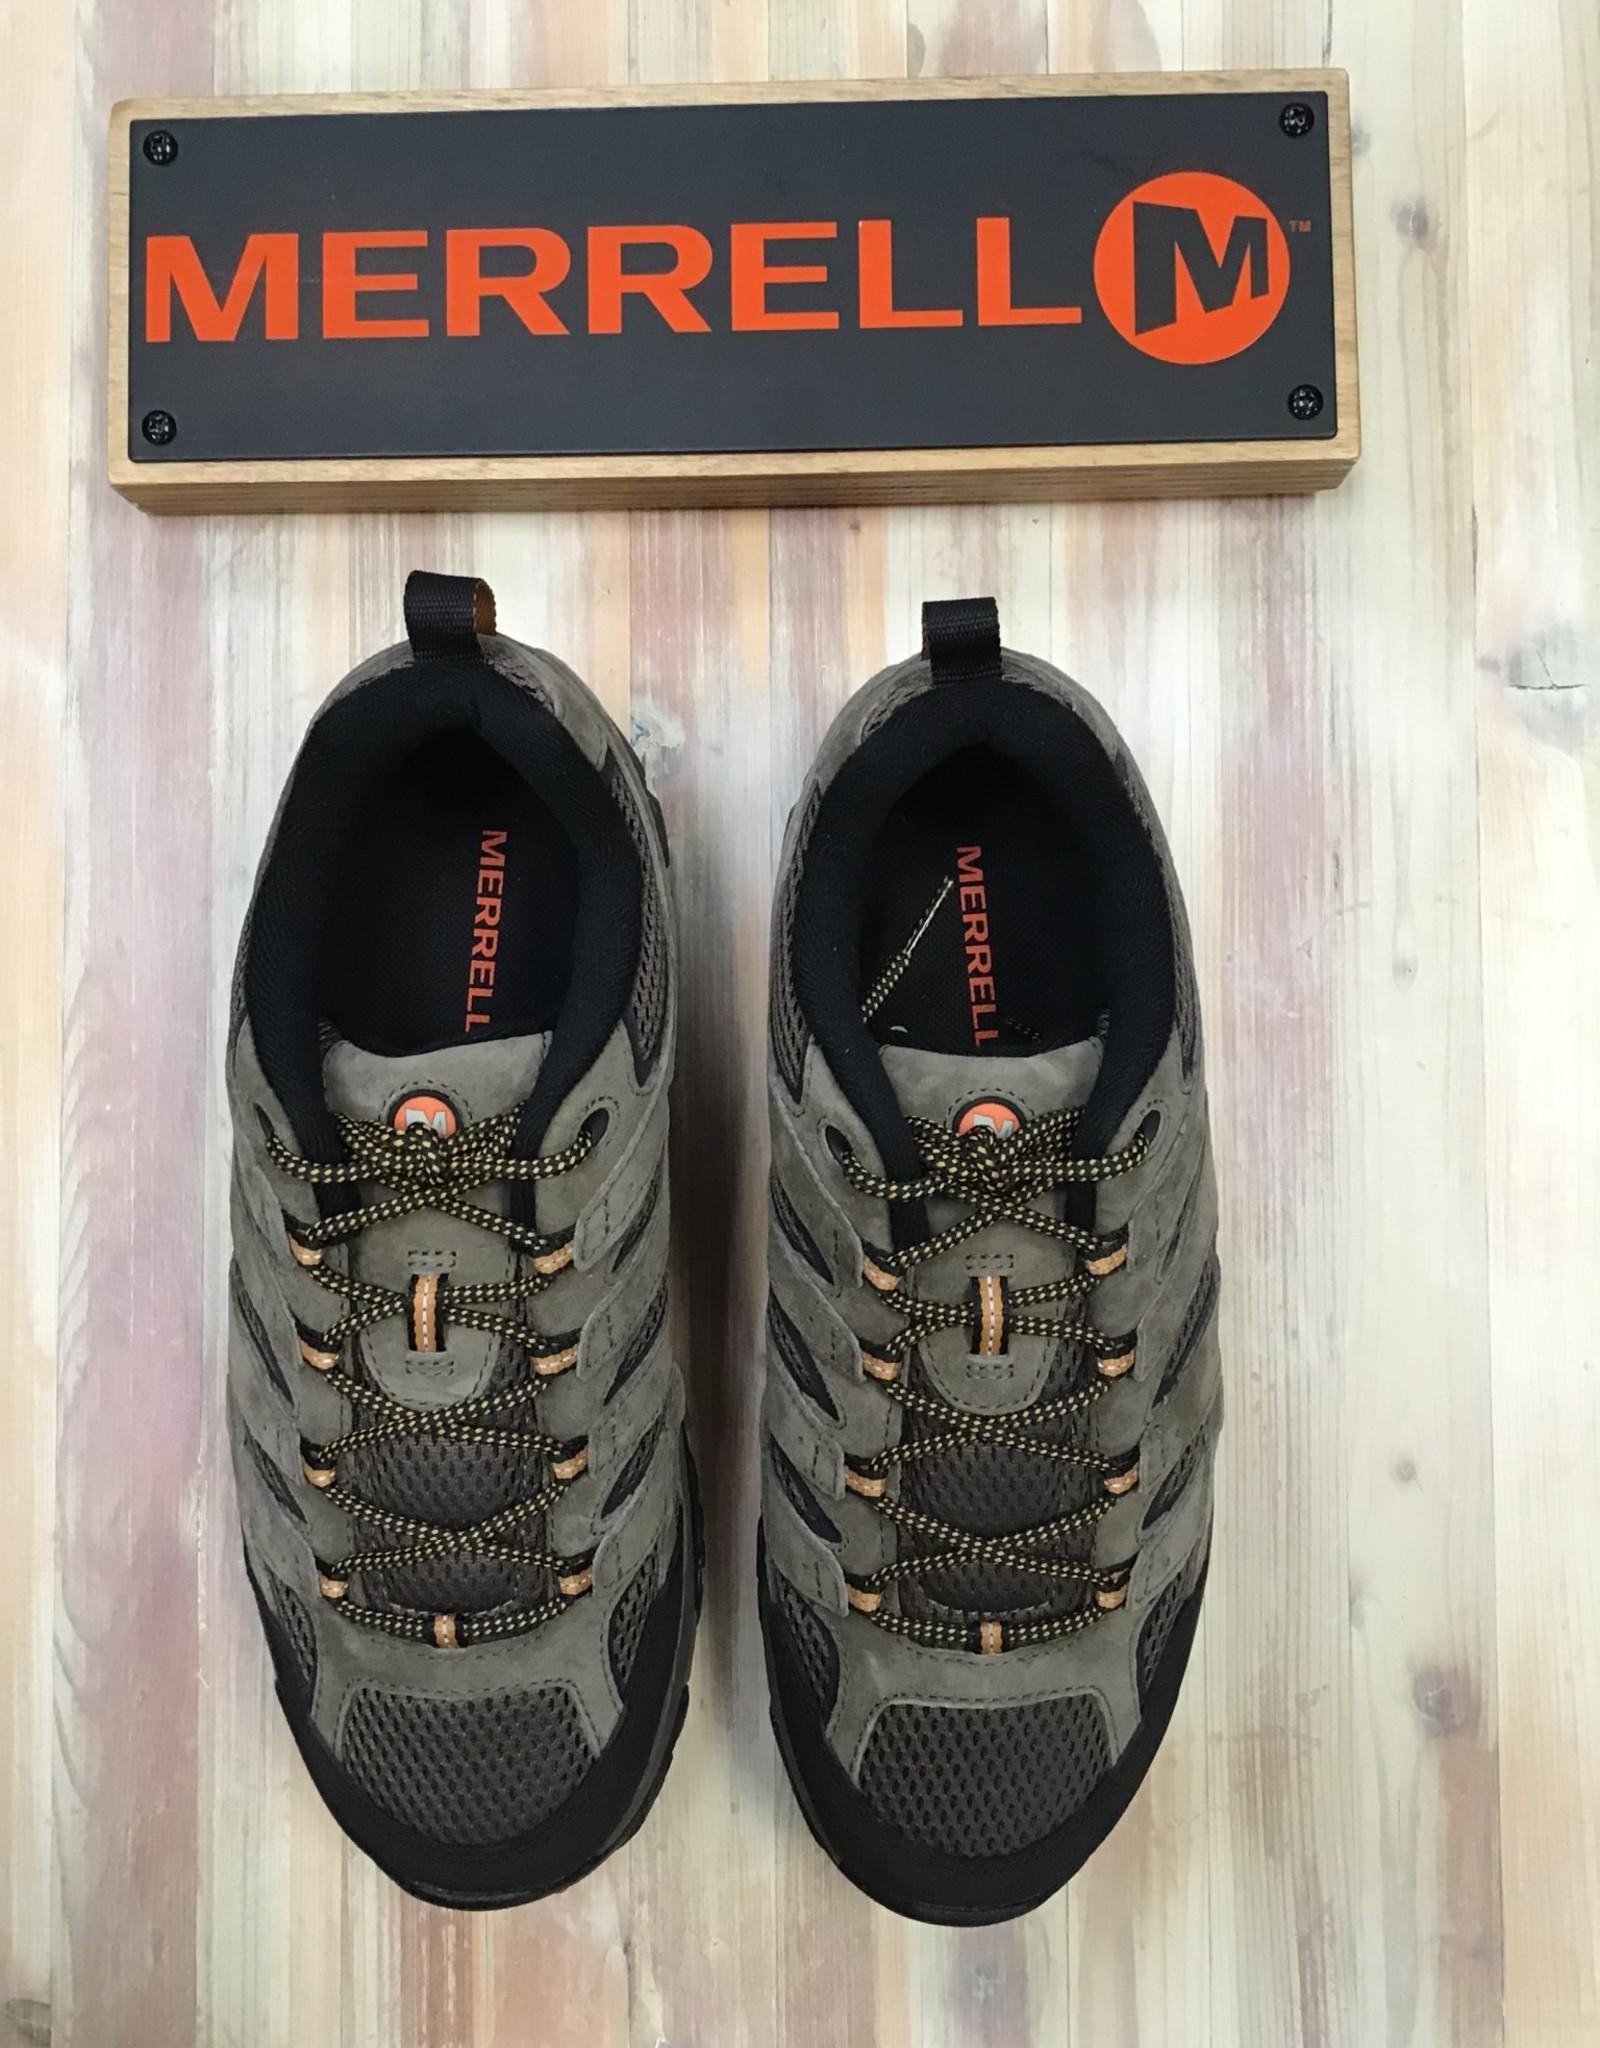 Merrell Merrell Moab 2 Vent Men's